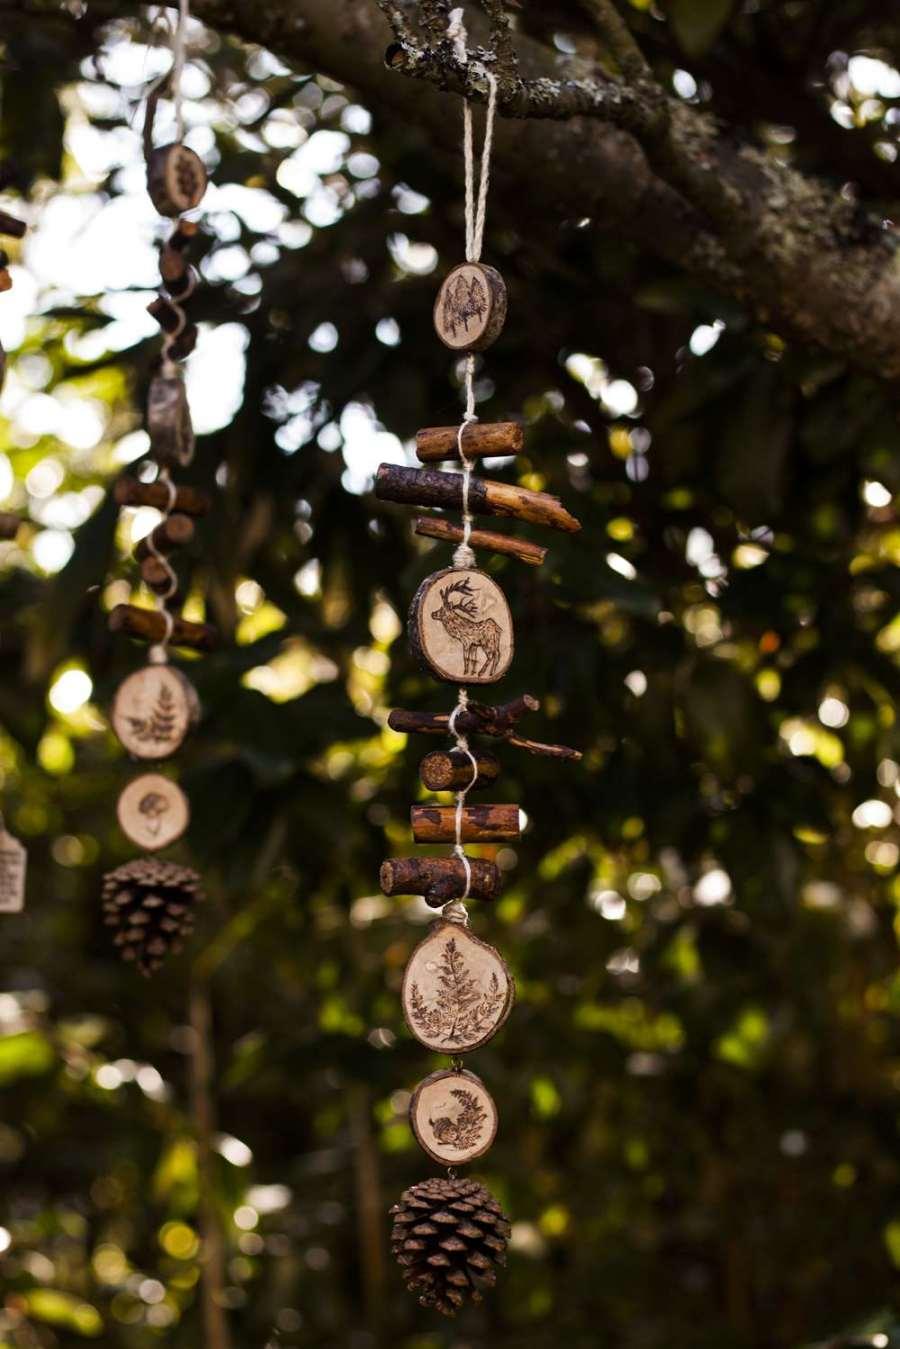 Guirlande verticale cerf en bois et chanvre bio, décoration personnalisable, animaux, artisanat français écoresponsable, atelier de La lettre aux ours, Missive to Bears